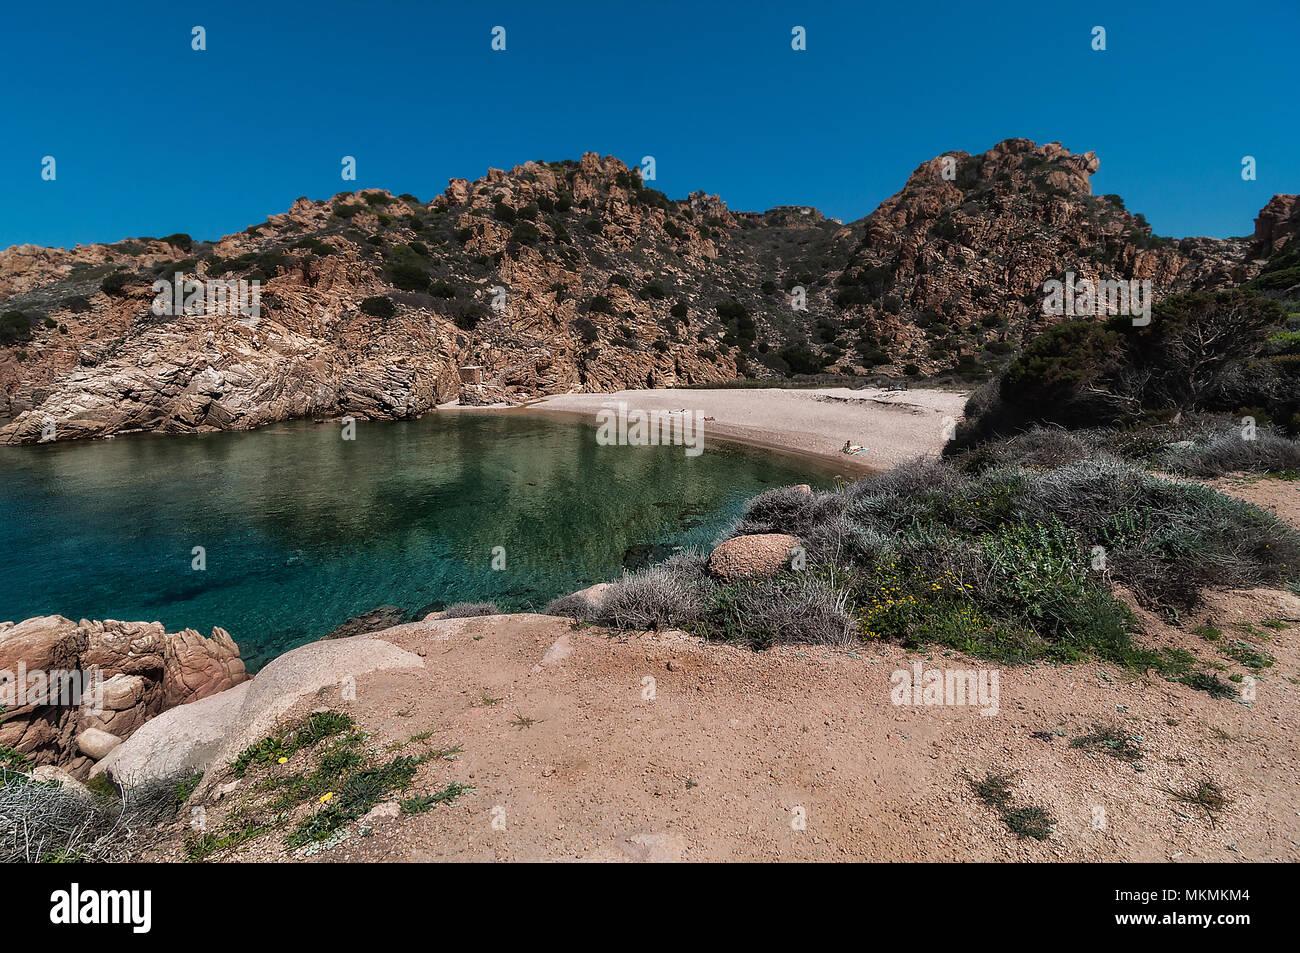 Li Cossi Bay Costa Paradiso Sardinia island Italy summer 2018 Stock Photo